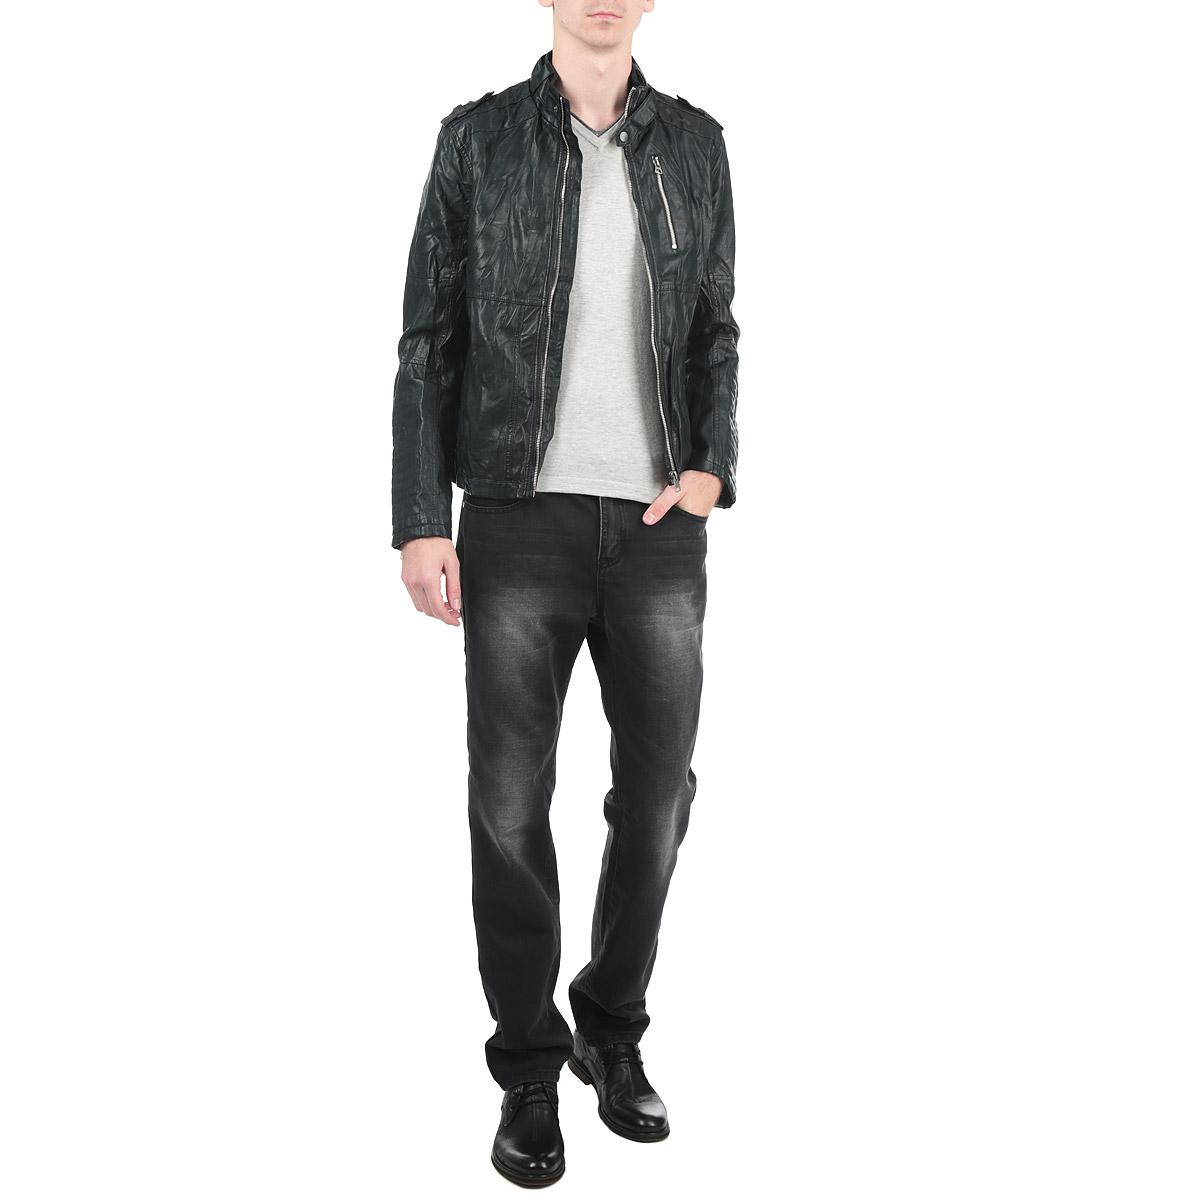 Куртка мужская. 3721883.00.123721883.00.12_2578Стильная мужская куртка Tom Tailor Denim выполнена из высококачественной искусственной матовой кожи с подкладкой из полиэстера и рассчитана на прохладную погоду. Куртка поможет вам почувствовать себя максимально комфортно и стильно. Модель с длинными рукавами и воротником-стойкой застегивается на металлическую застежку-молнию. Манжеты декорированы металлическими молниями. Куртка дополнена двумя втачными карманами и потайным кармашком на кнопке, расположенным с внутренней стороны изделия. Модный дизайн и практичность - отличный выбор на каждый день!